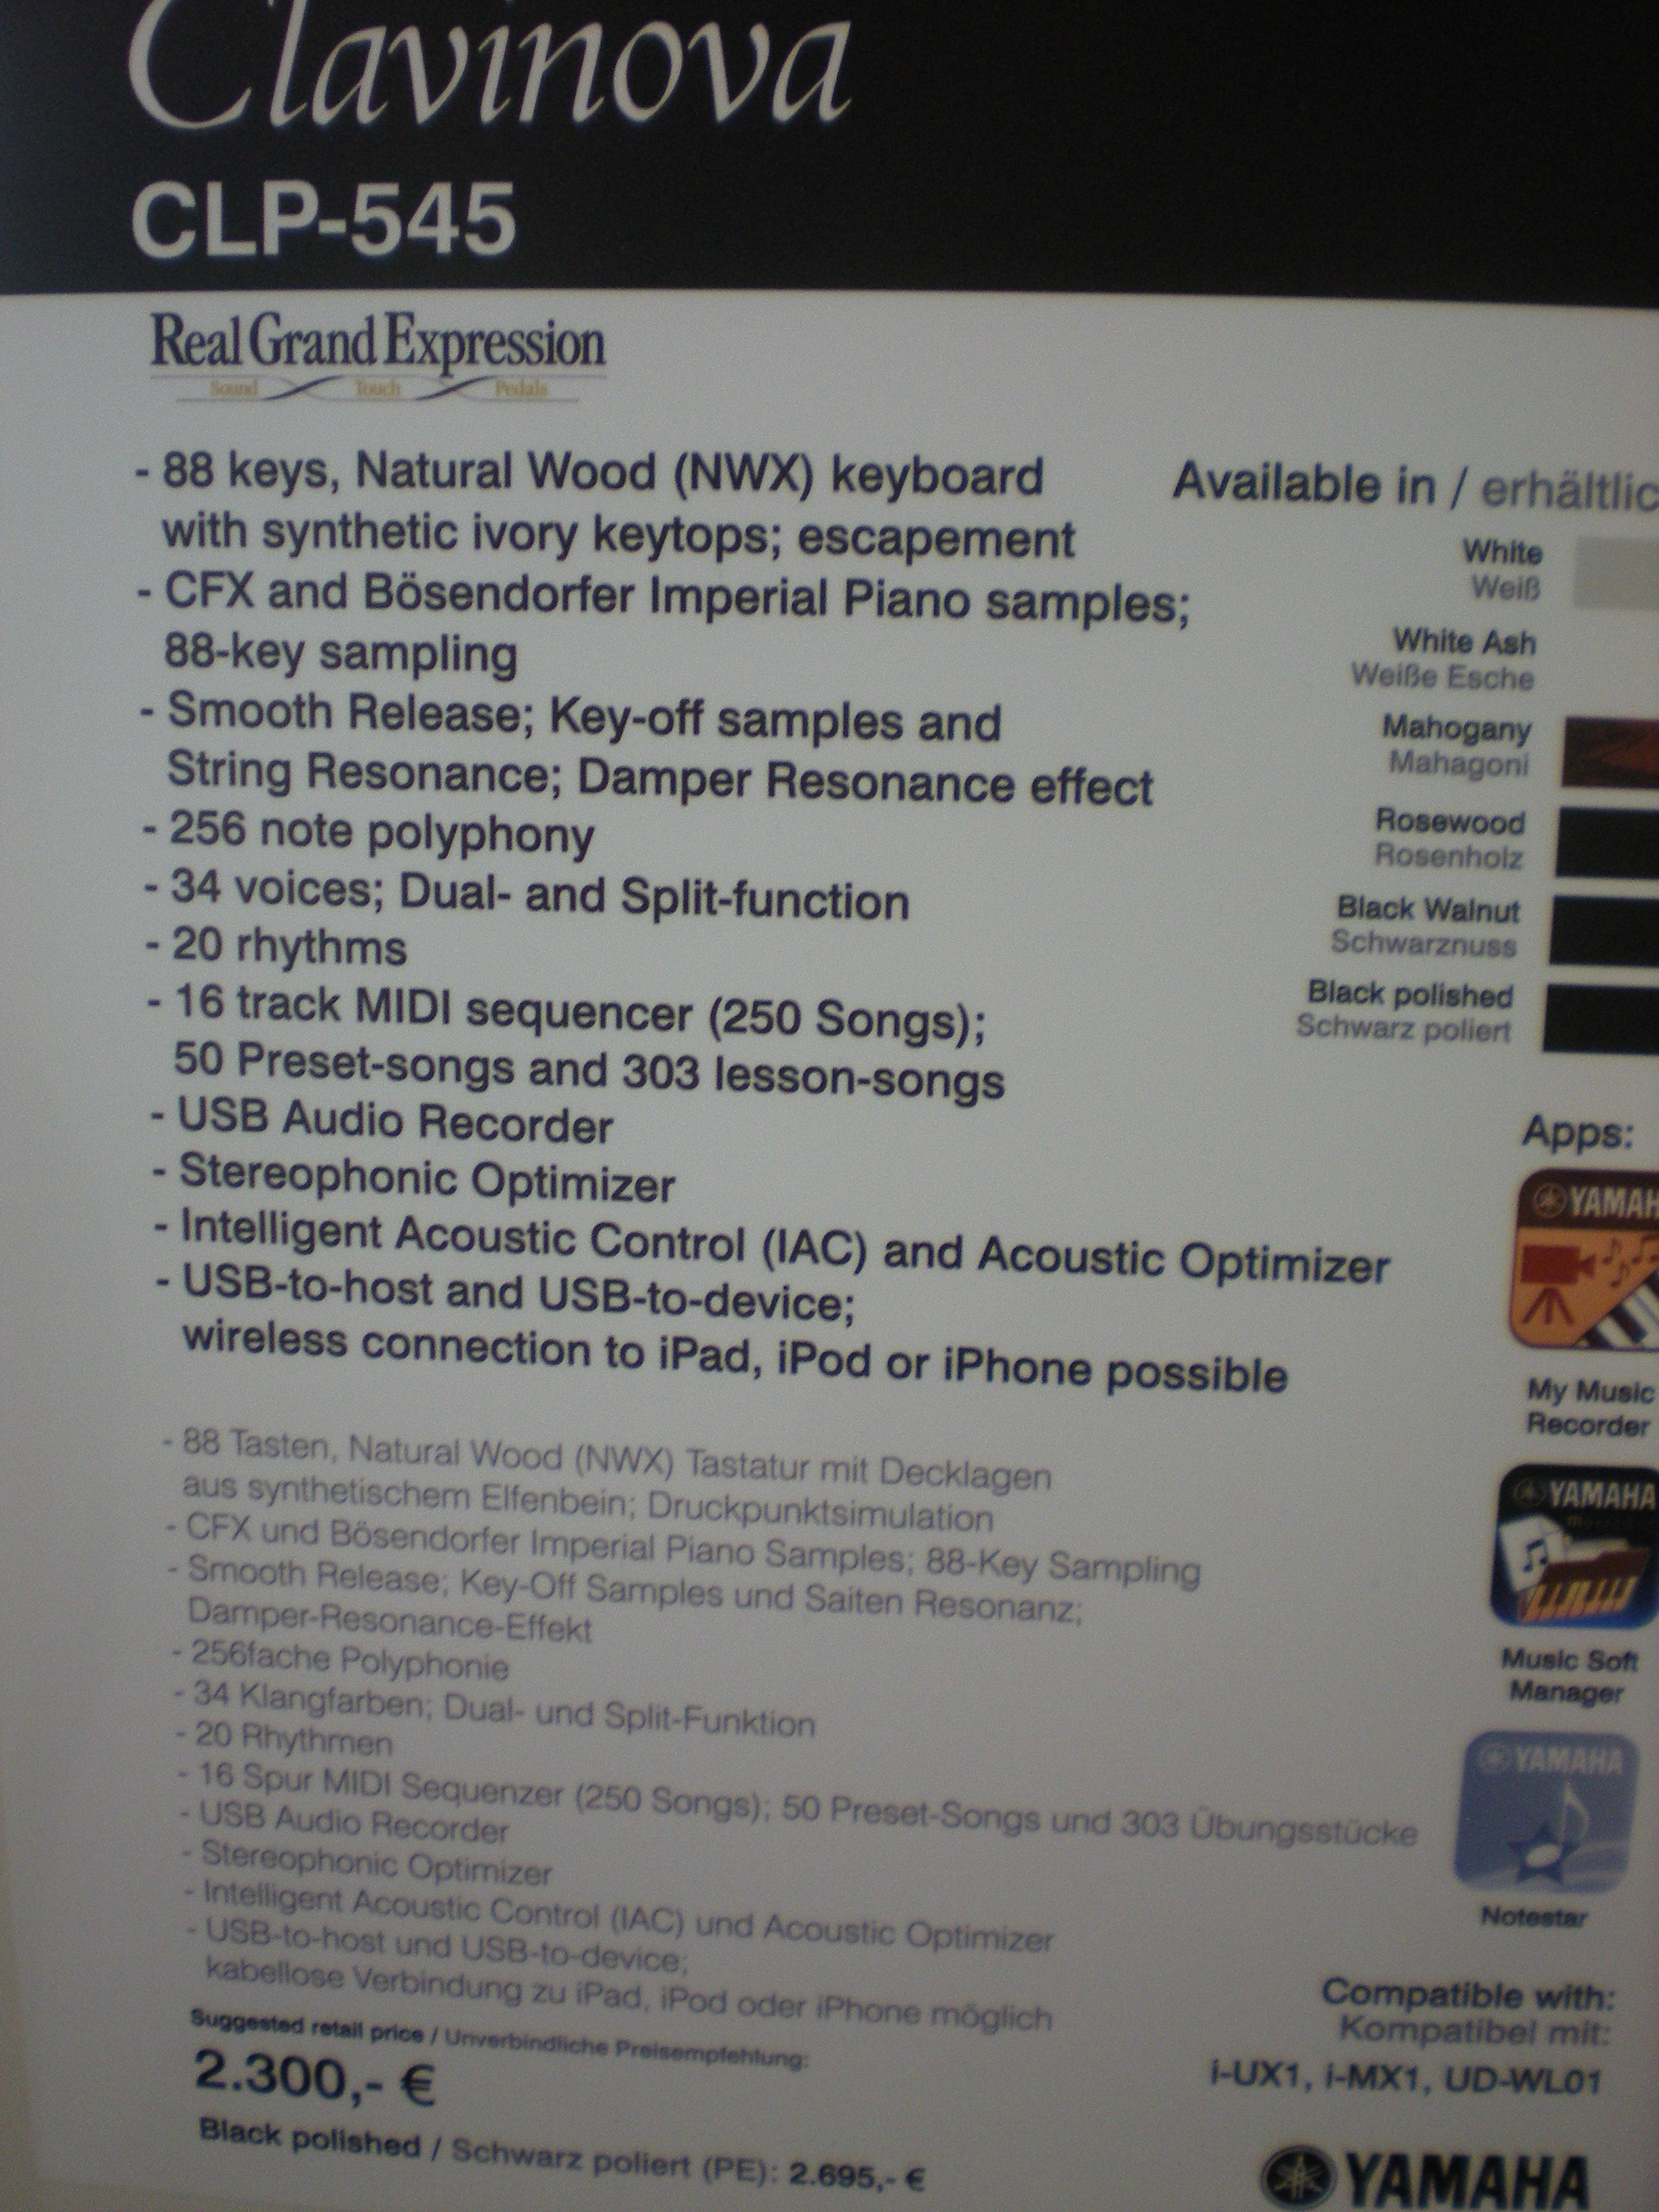 Clavinova CLP-545 - specyfikacja